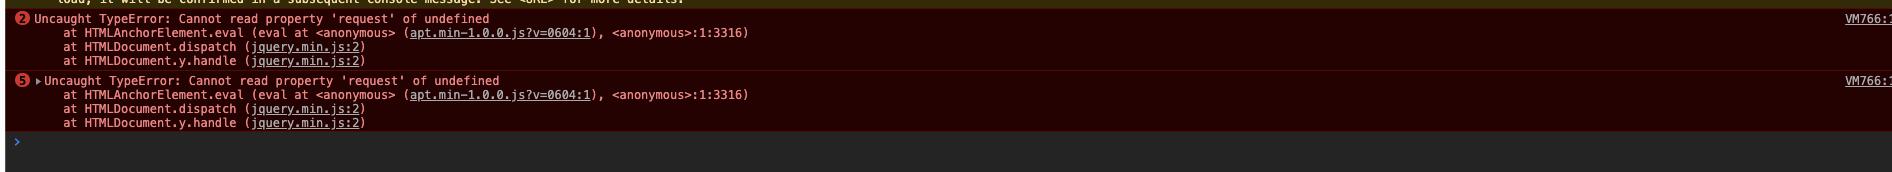 自动生成的接口文档无法访问